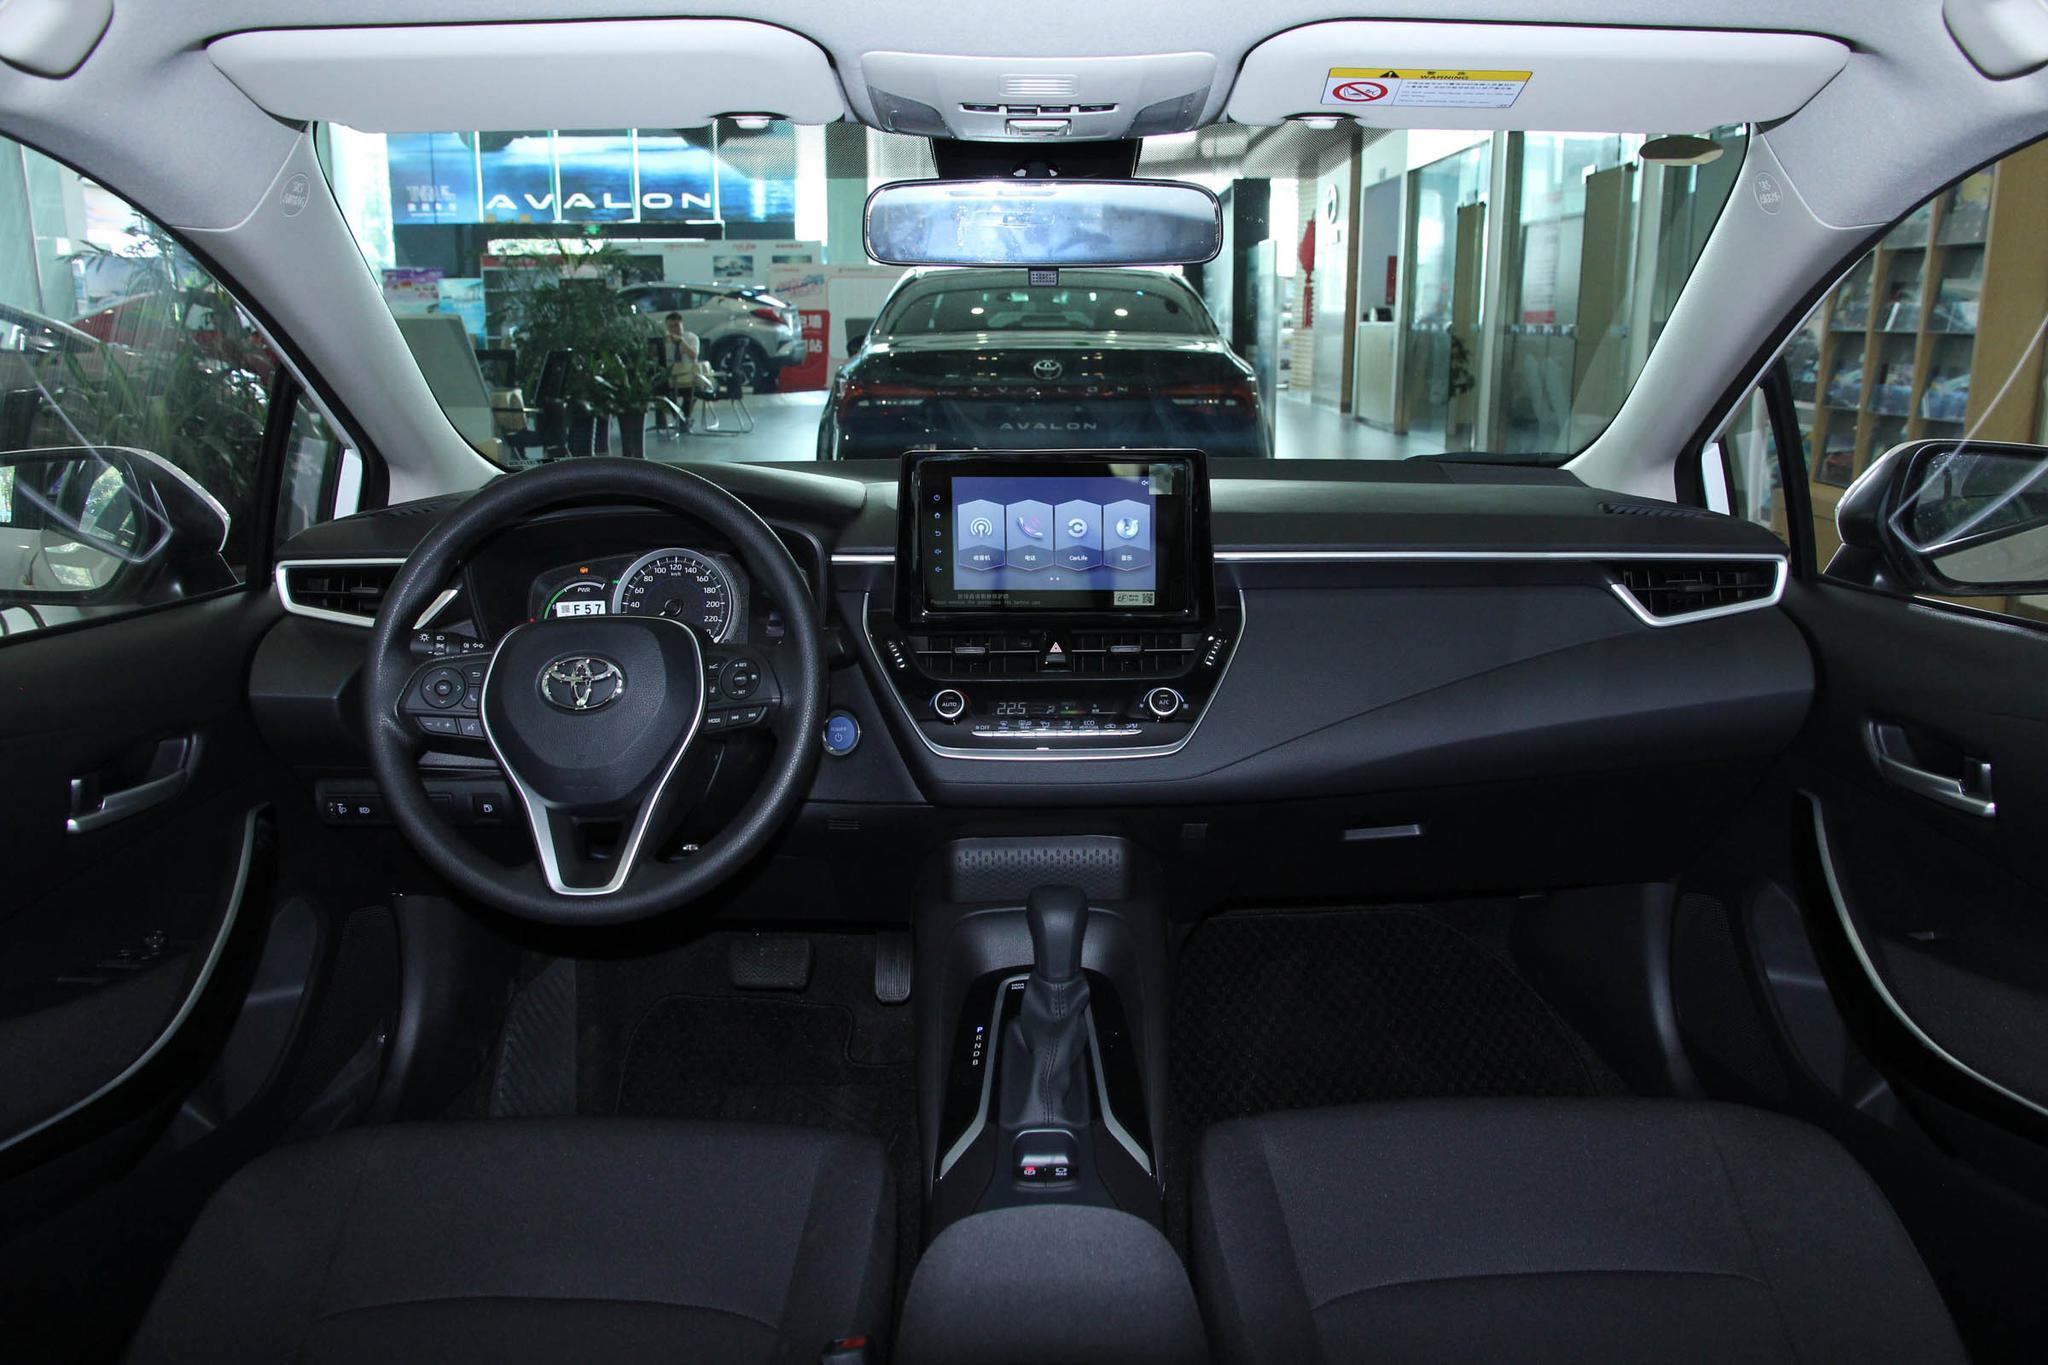 7月轎車銷量出爐,日產大眾成最大贏傢,國產車成績平平-圖2